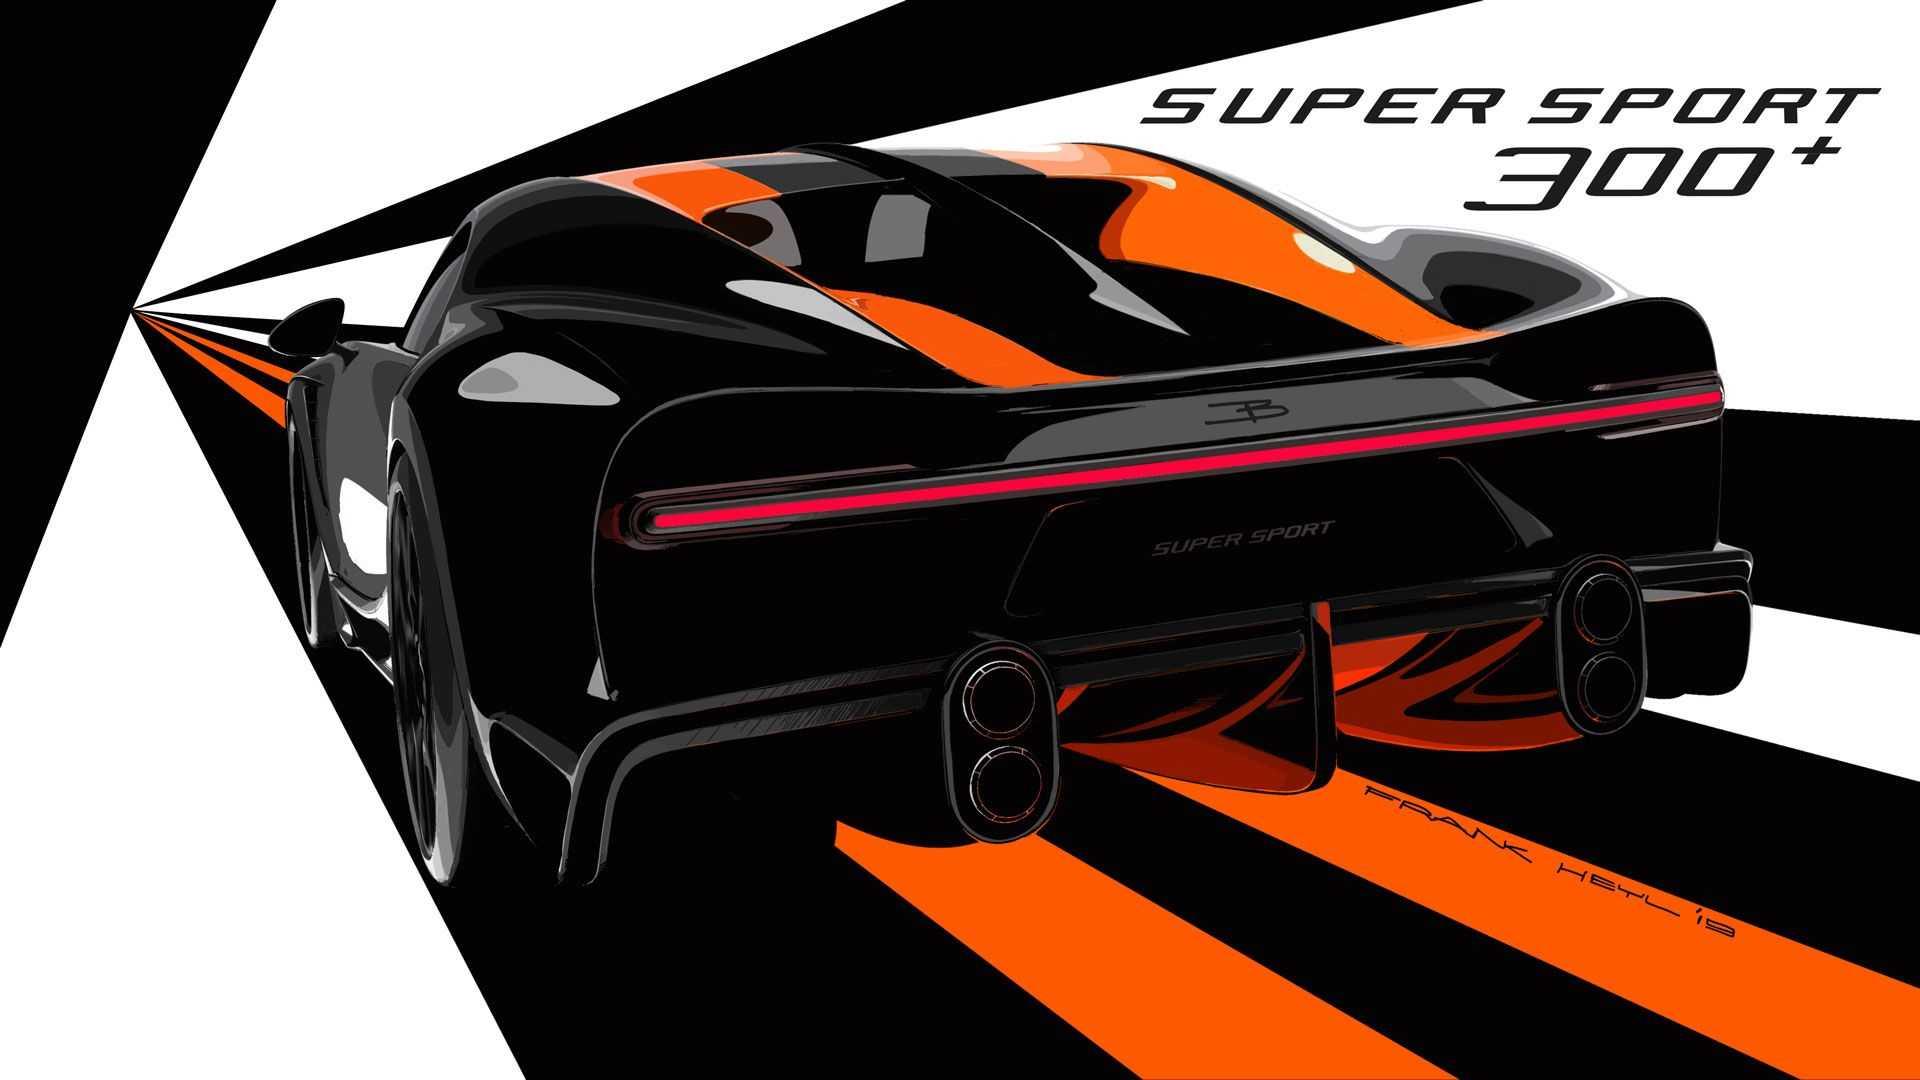 2021 bugatti chiron super sport 300 6